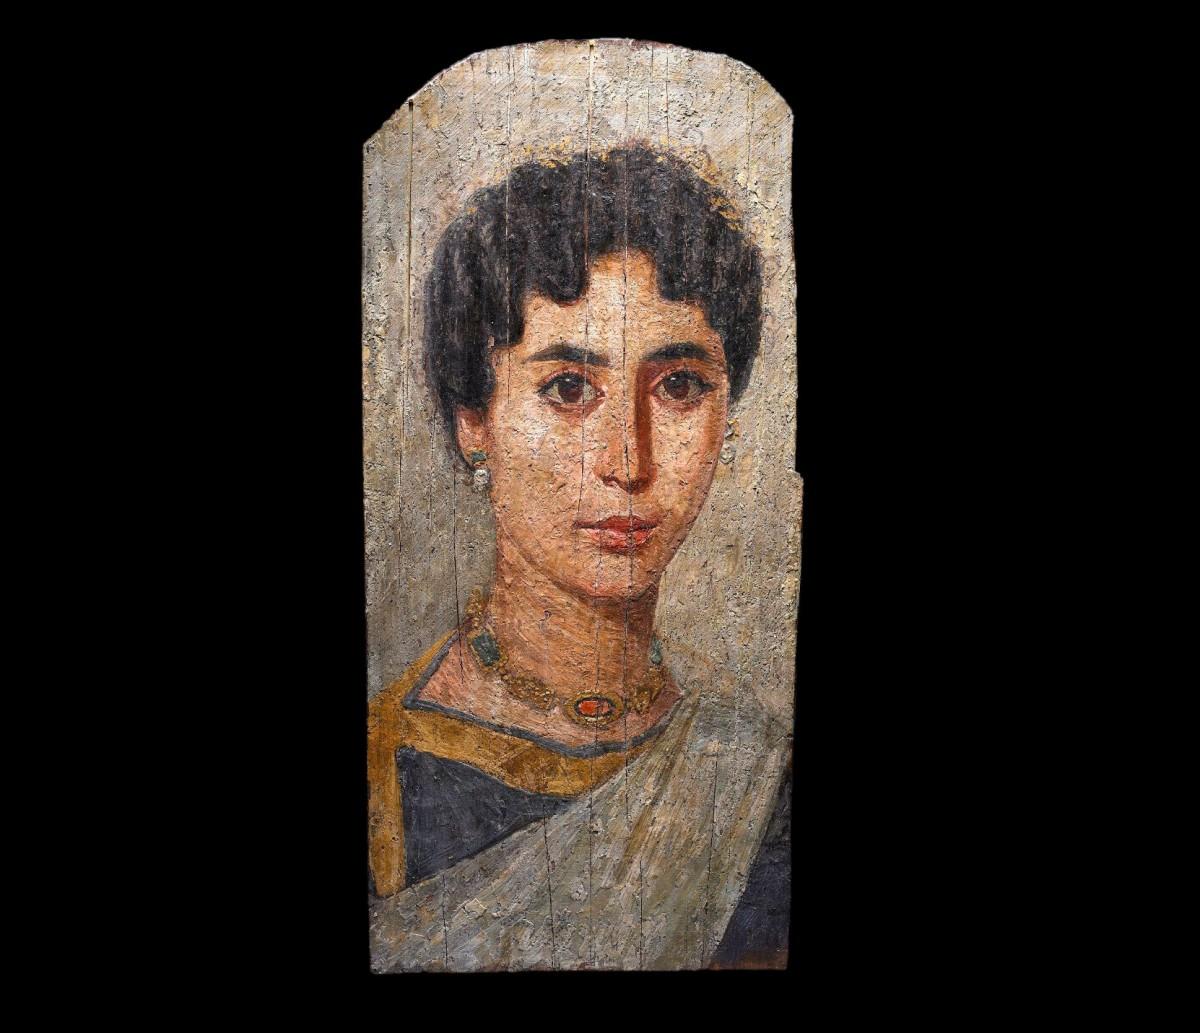 Εικ. 1. Κοιμητηριακή τέχνη. Νεκρικό προσωπείο φαγιούμ. Βρετανικό Μουσείο, Λονδίνο.